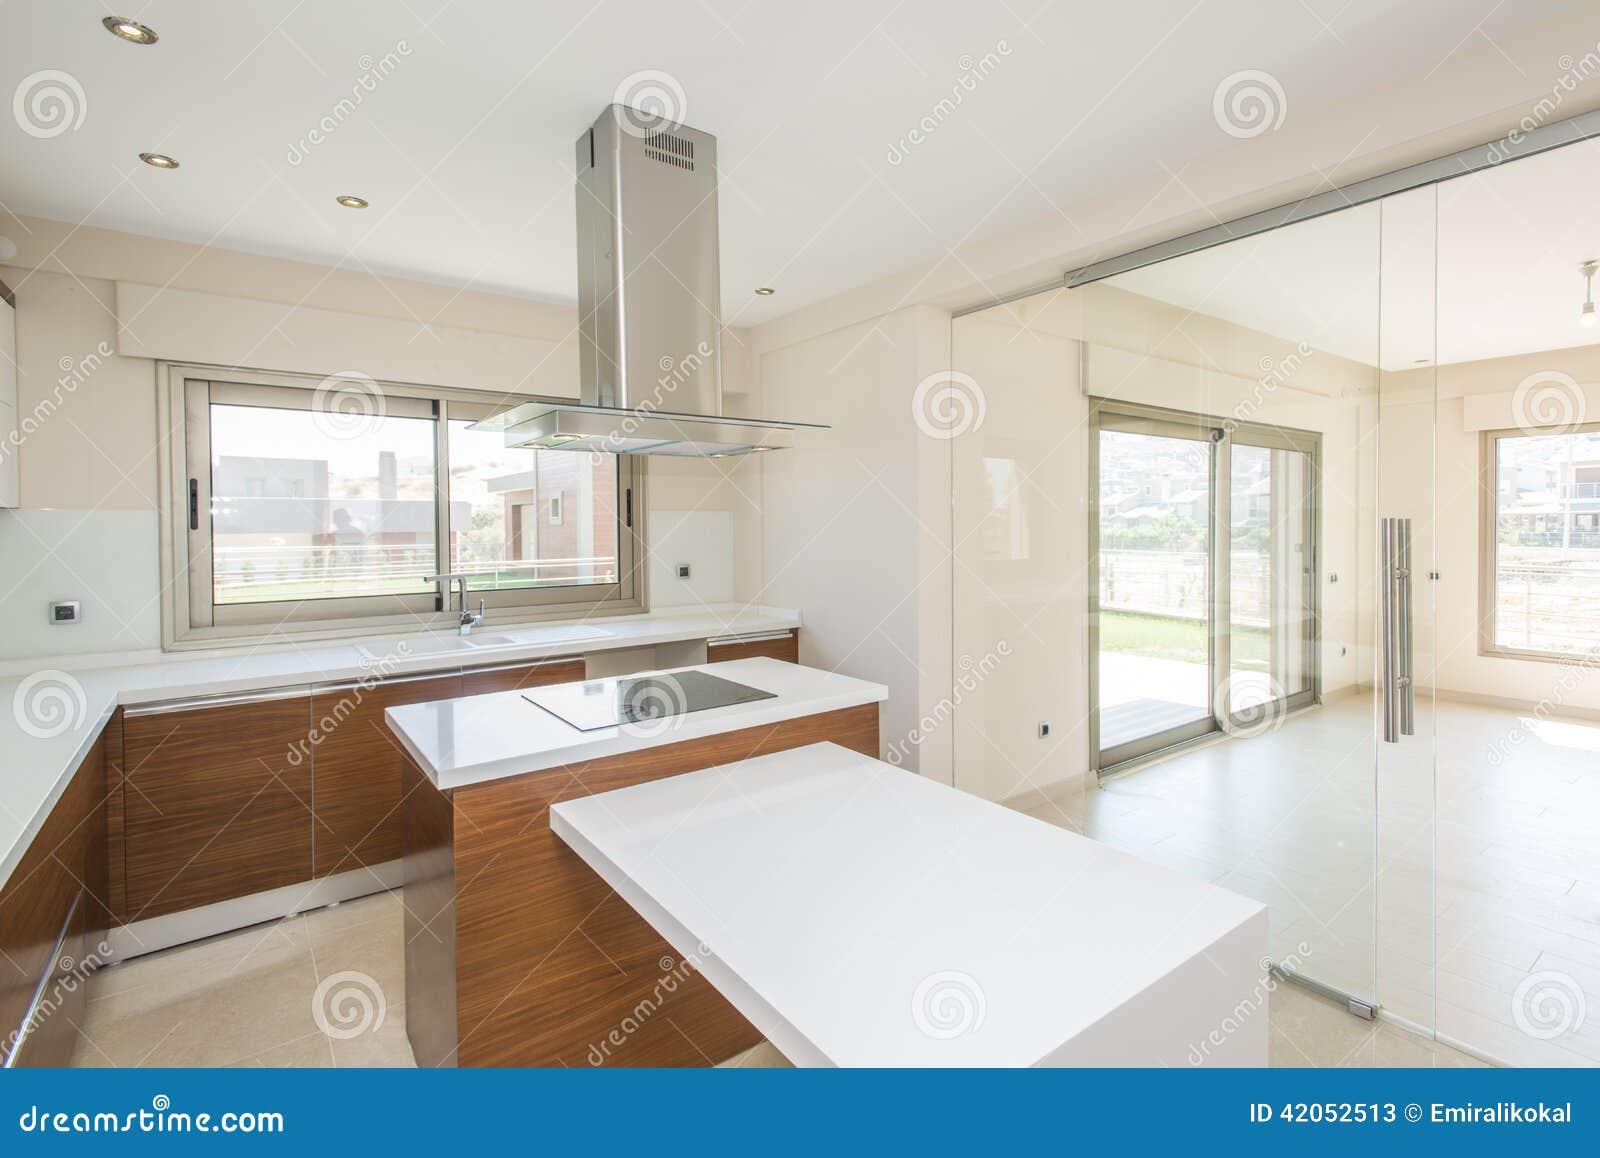 Cozinha Moderna Brilhante Foto de Stock Imagem: 42052513 #86A922 1300 958